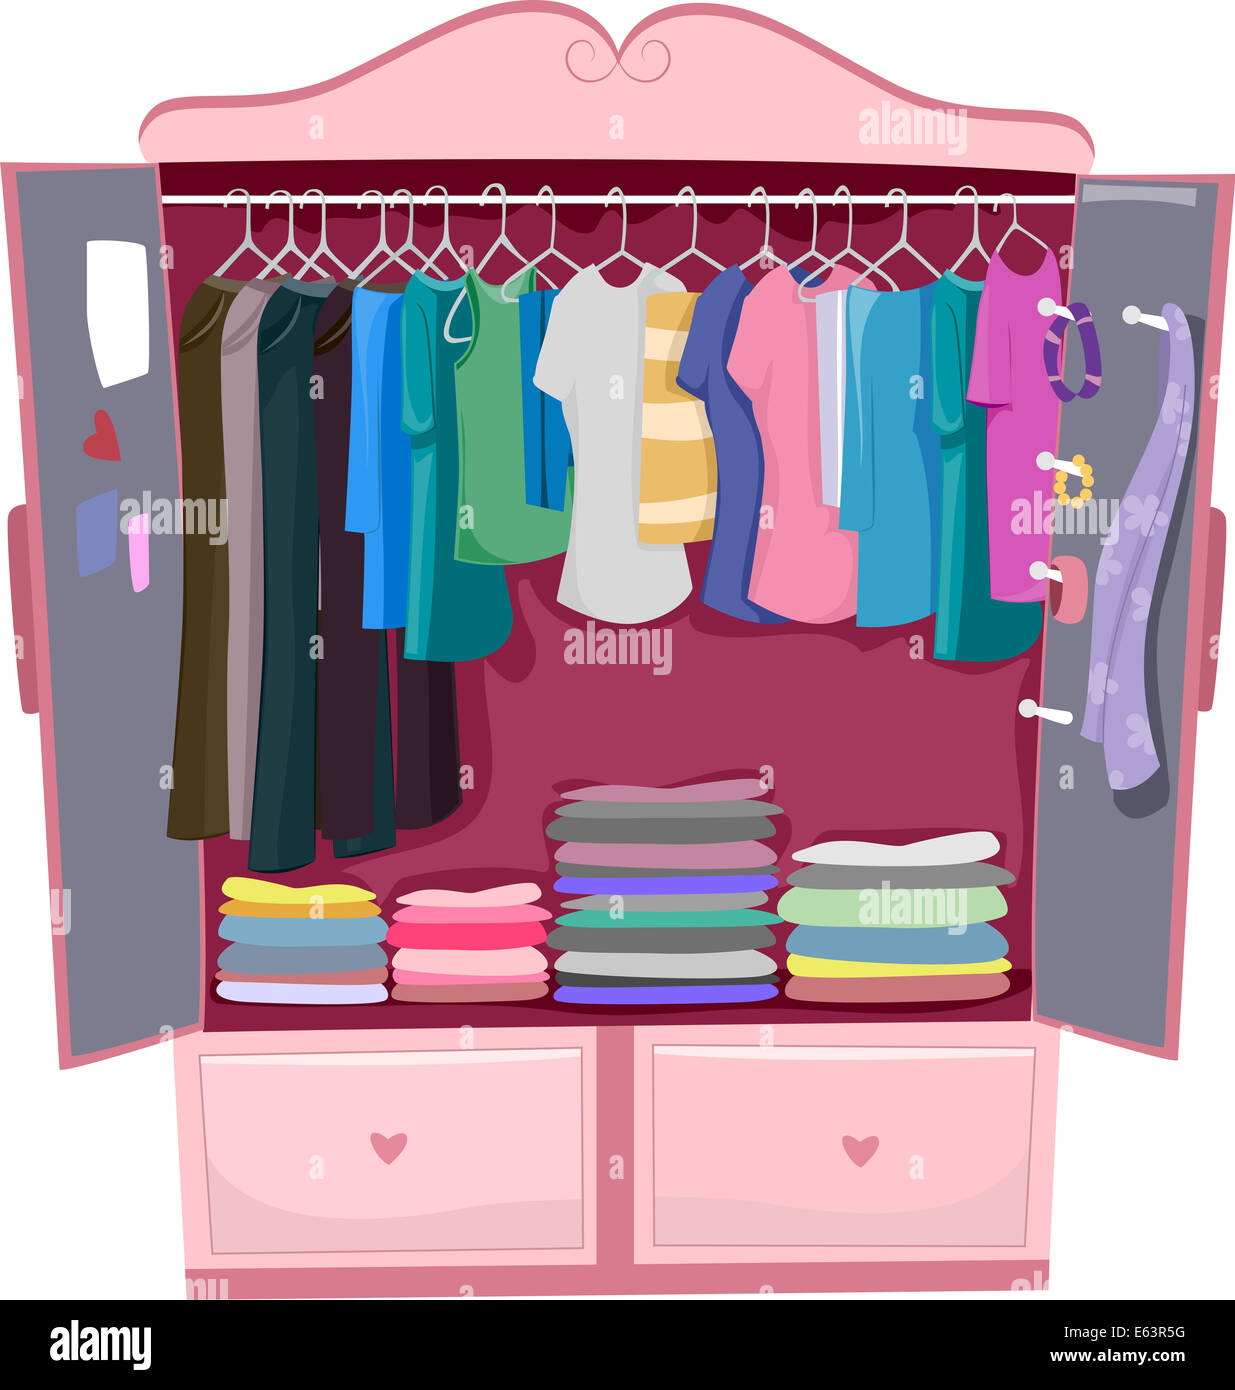 Kleiderschrank clipart  Abbildung von einem rosa Kleiderschrank voller Damenkleidung ...